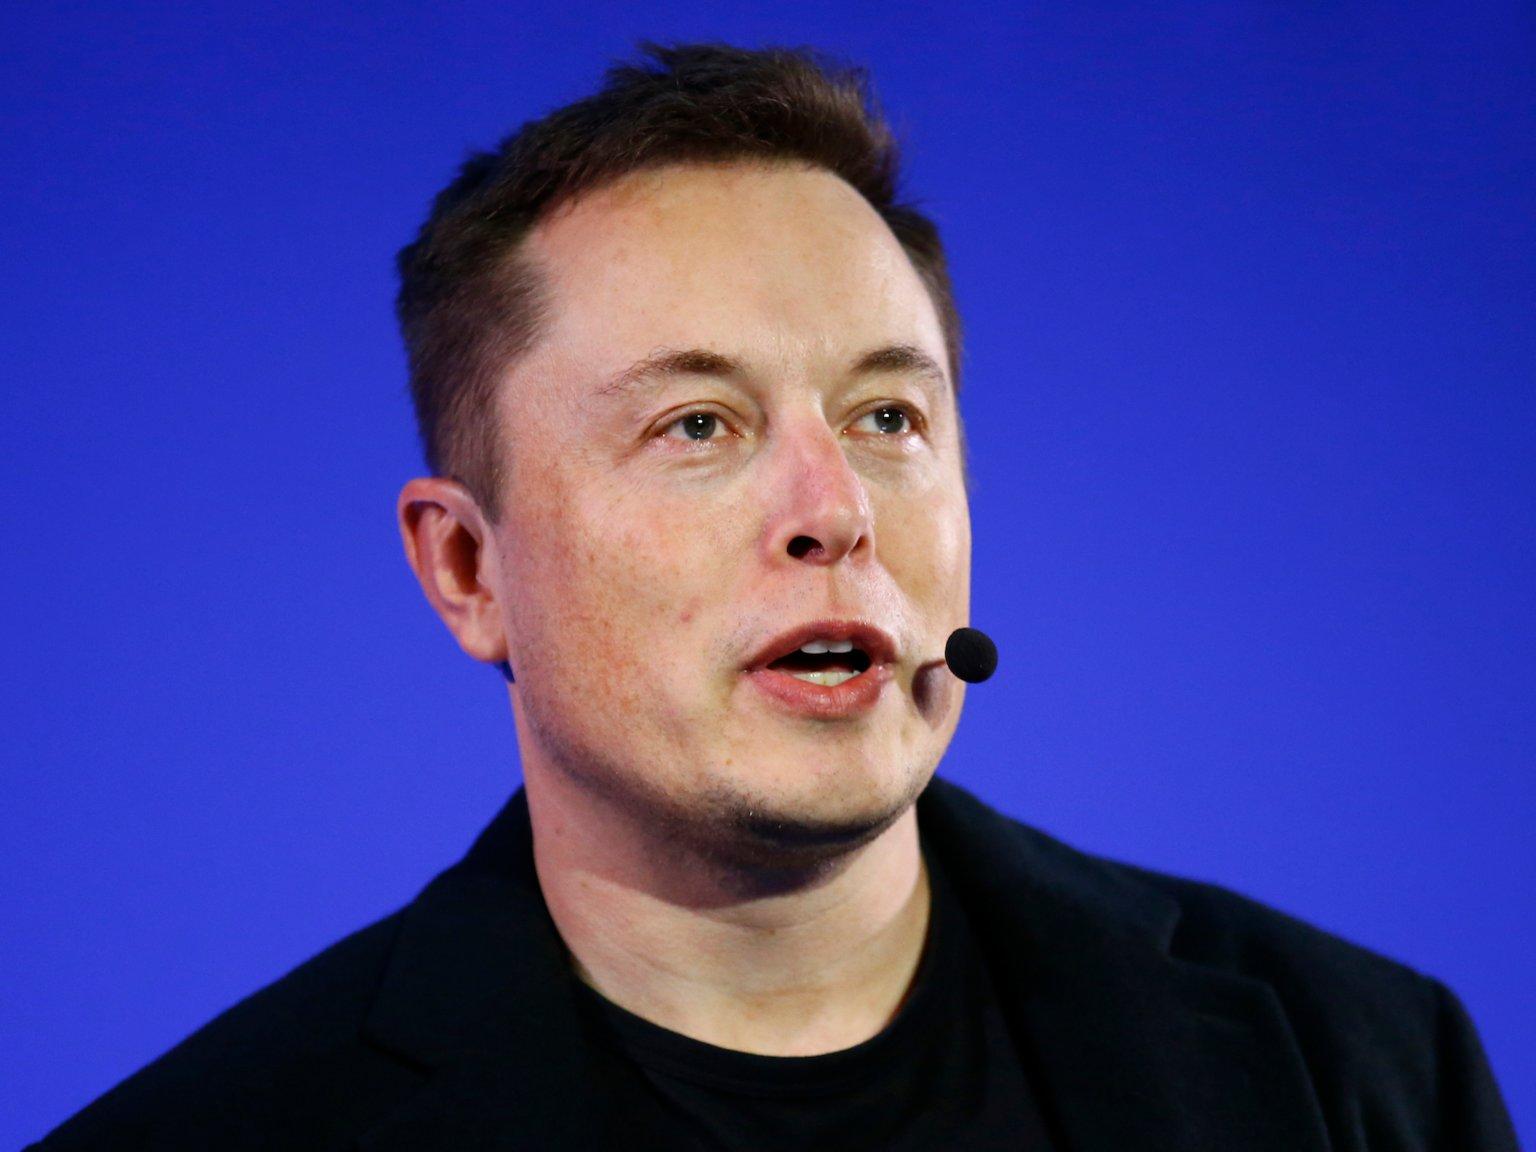 Sau một dòng tweet, Elon Musk ngay lập tức nhận trái đắng - 1